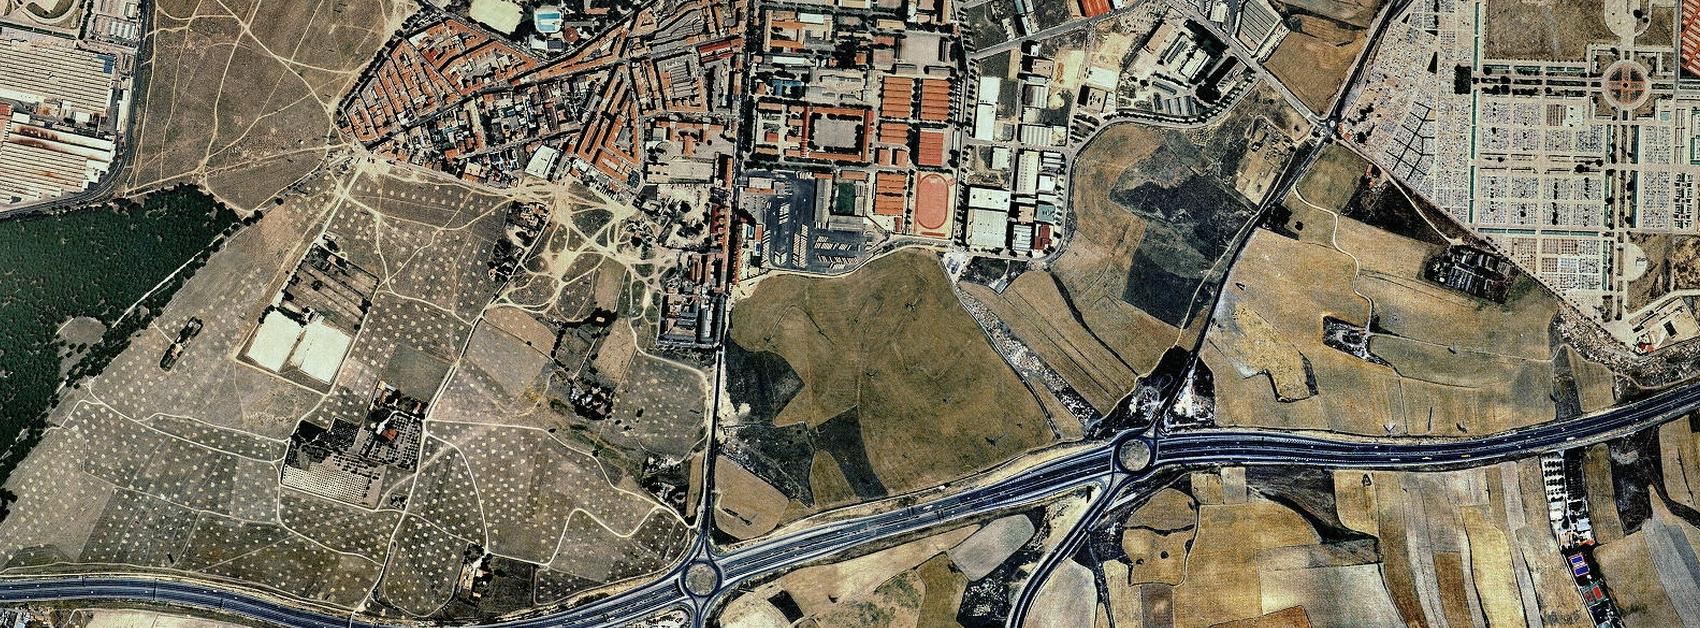 PAU de Carabanchel, Madrid, avenida de los peseteros, antes, urbanismo, planeamiento, urbano, desastre, urbanístico, construcción